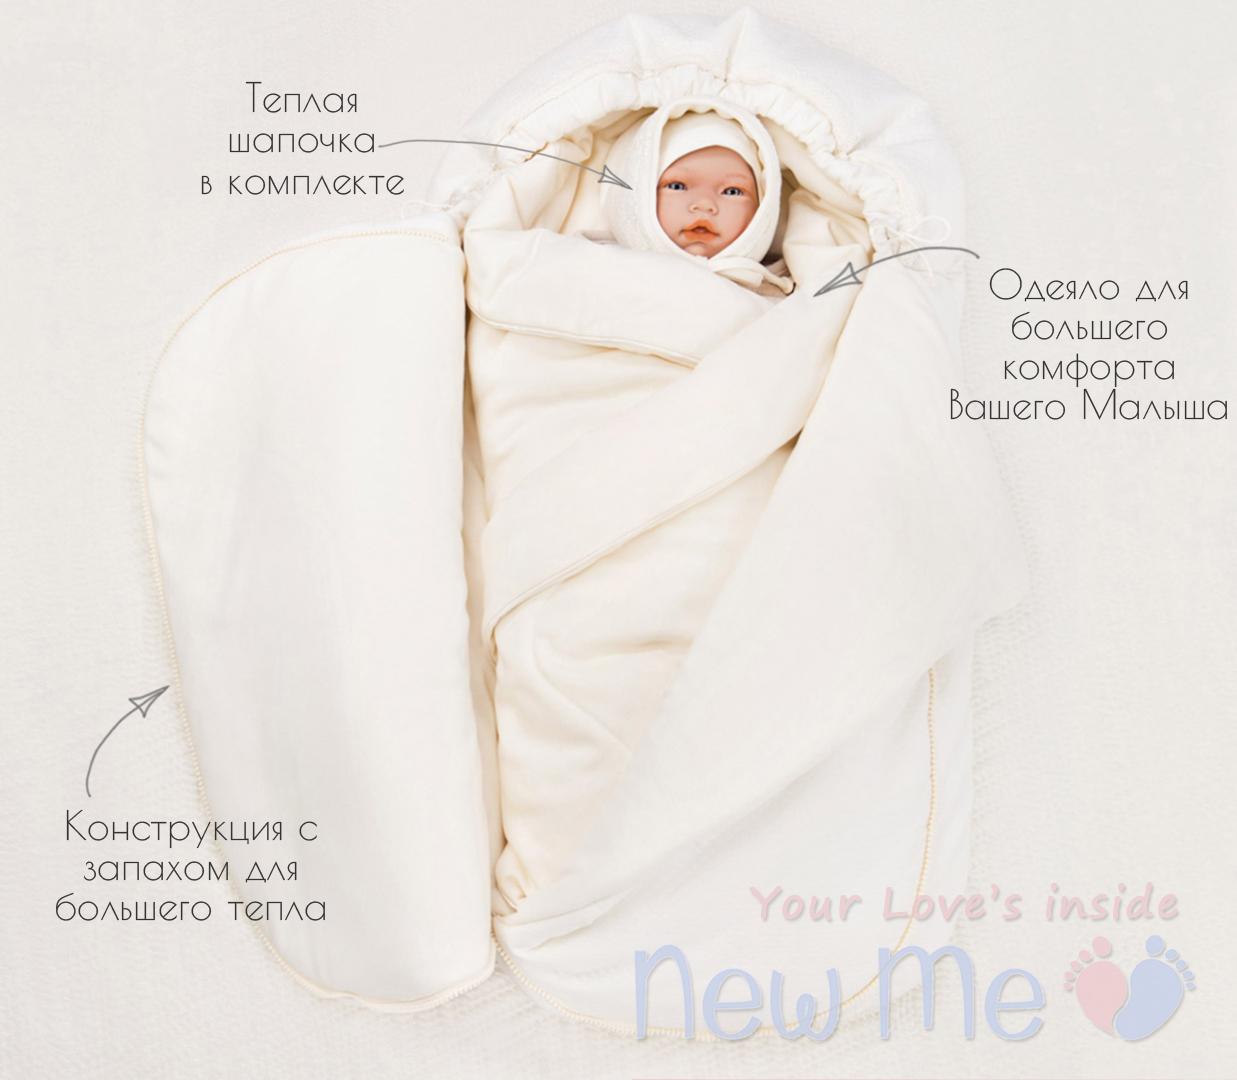 Шьем одеяло-трансформер для новорожденного Ярмарка 17